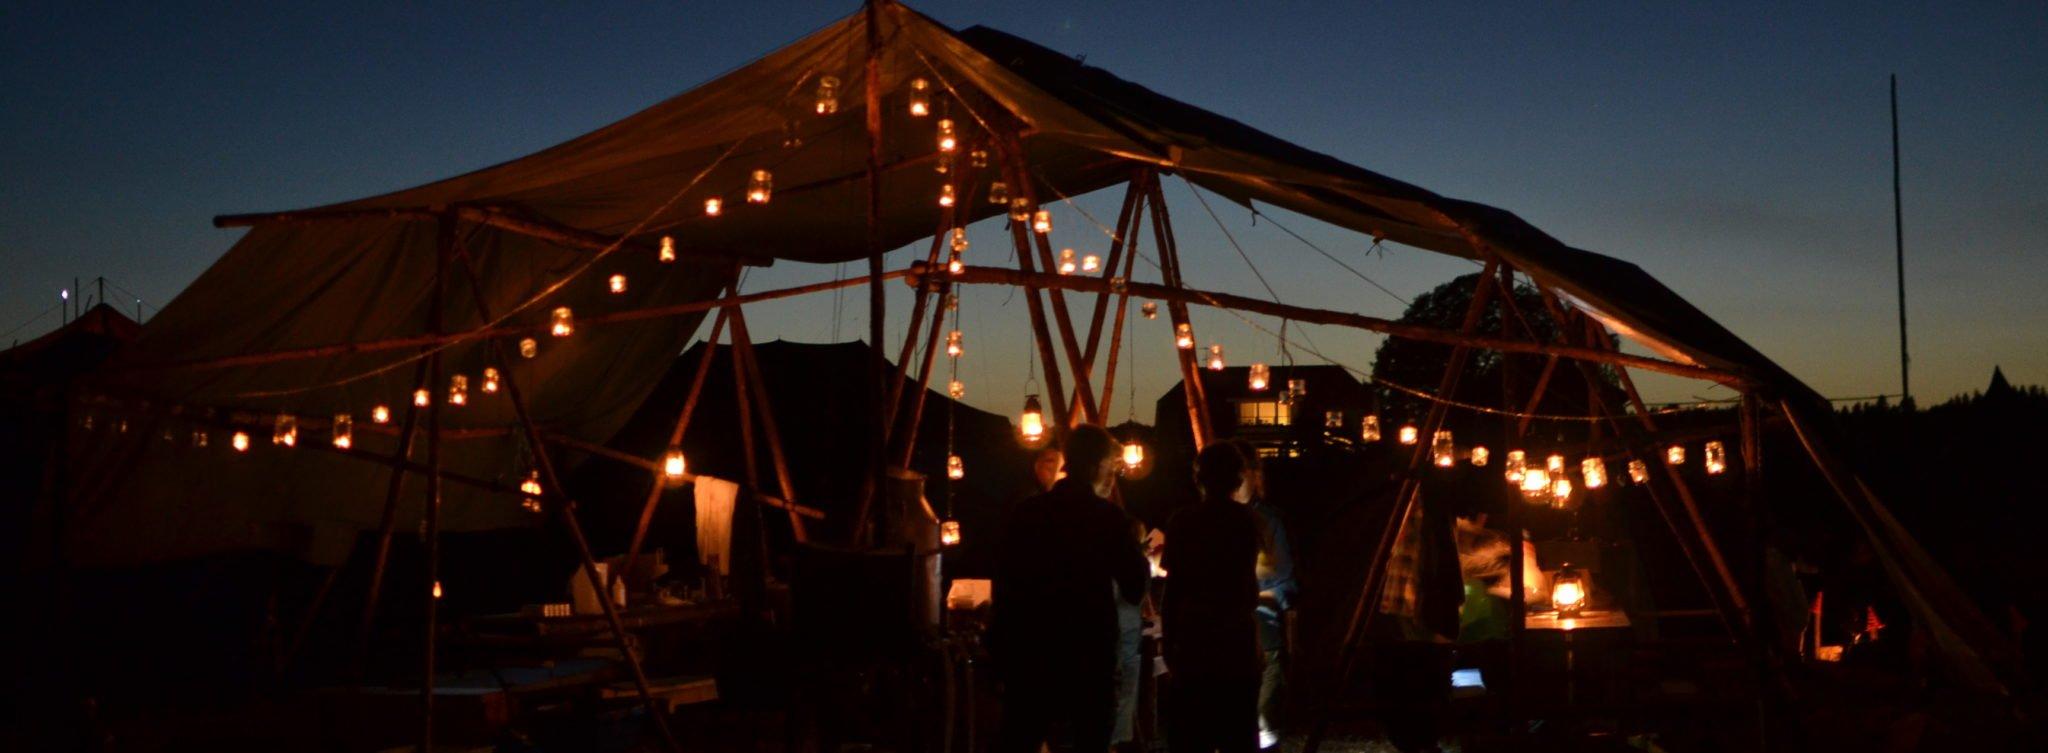 Scoutkök med ljuslyktor i mörker